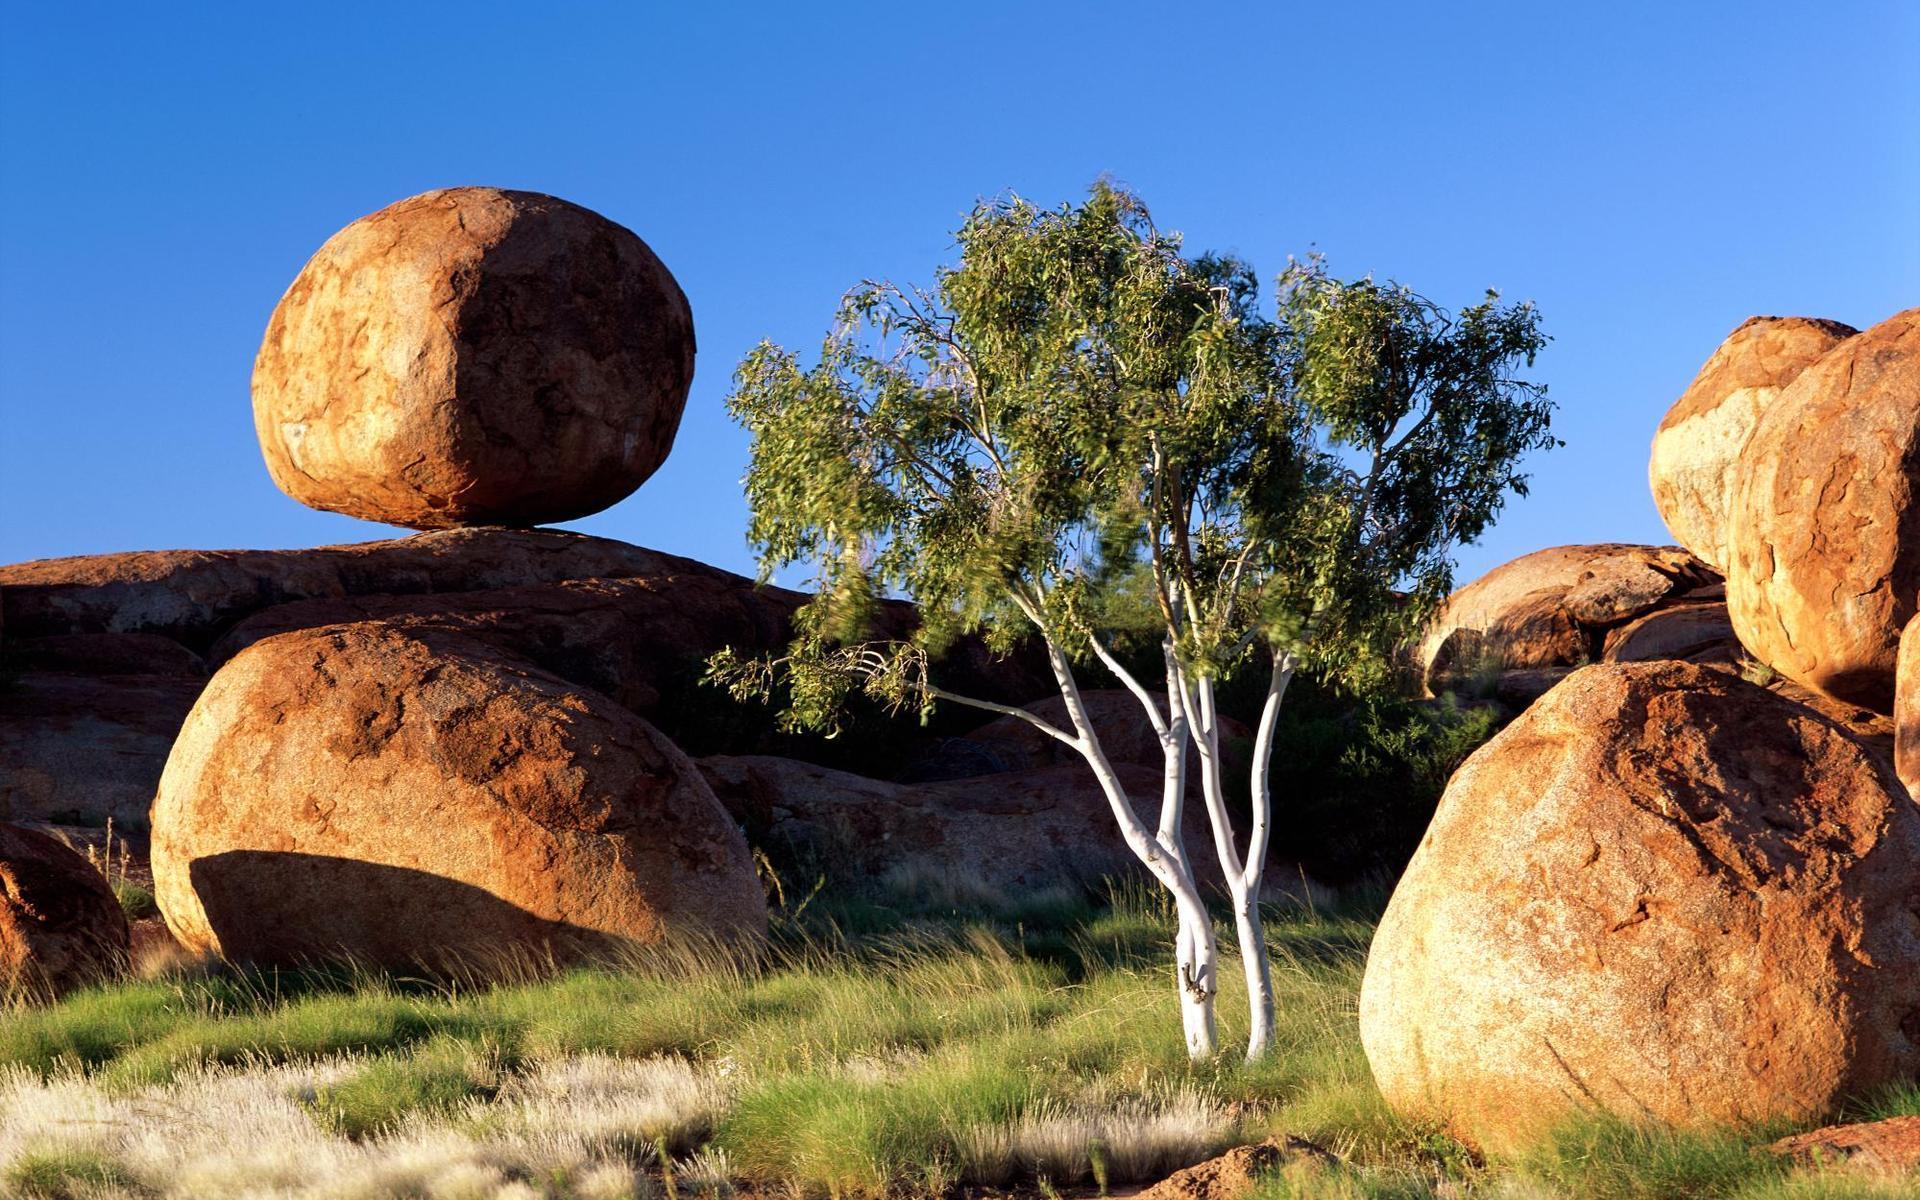 природа деревья камни небо  № 1601377 загрузить